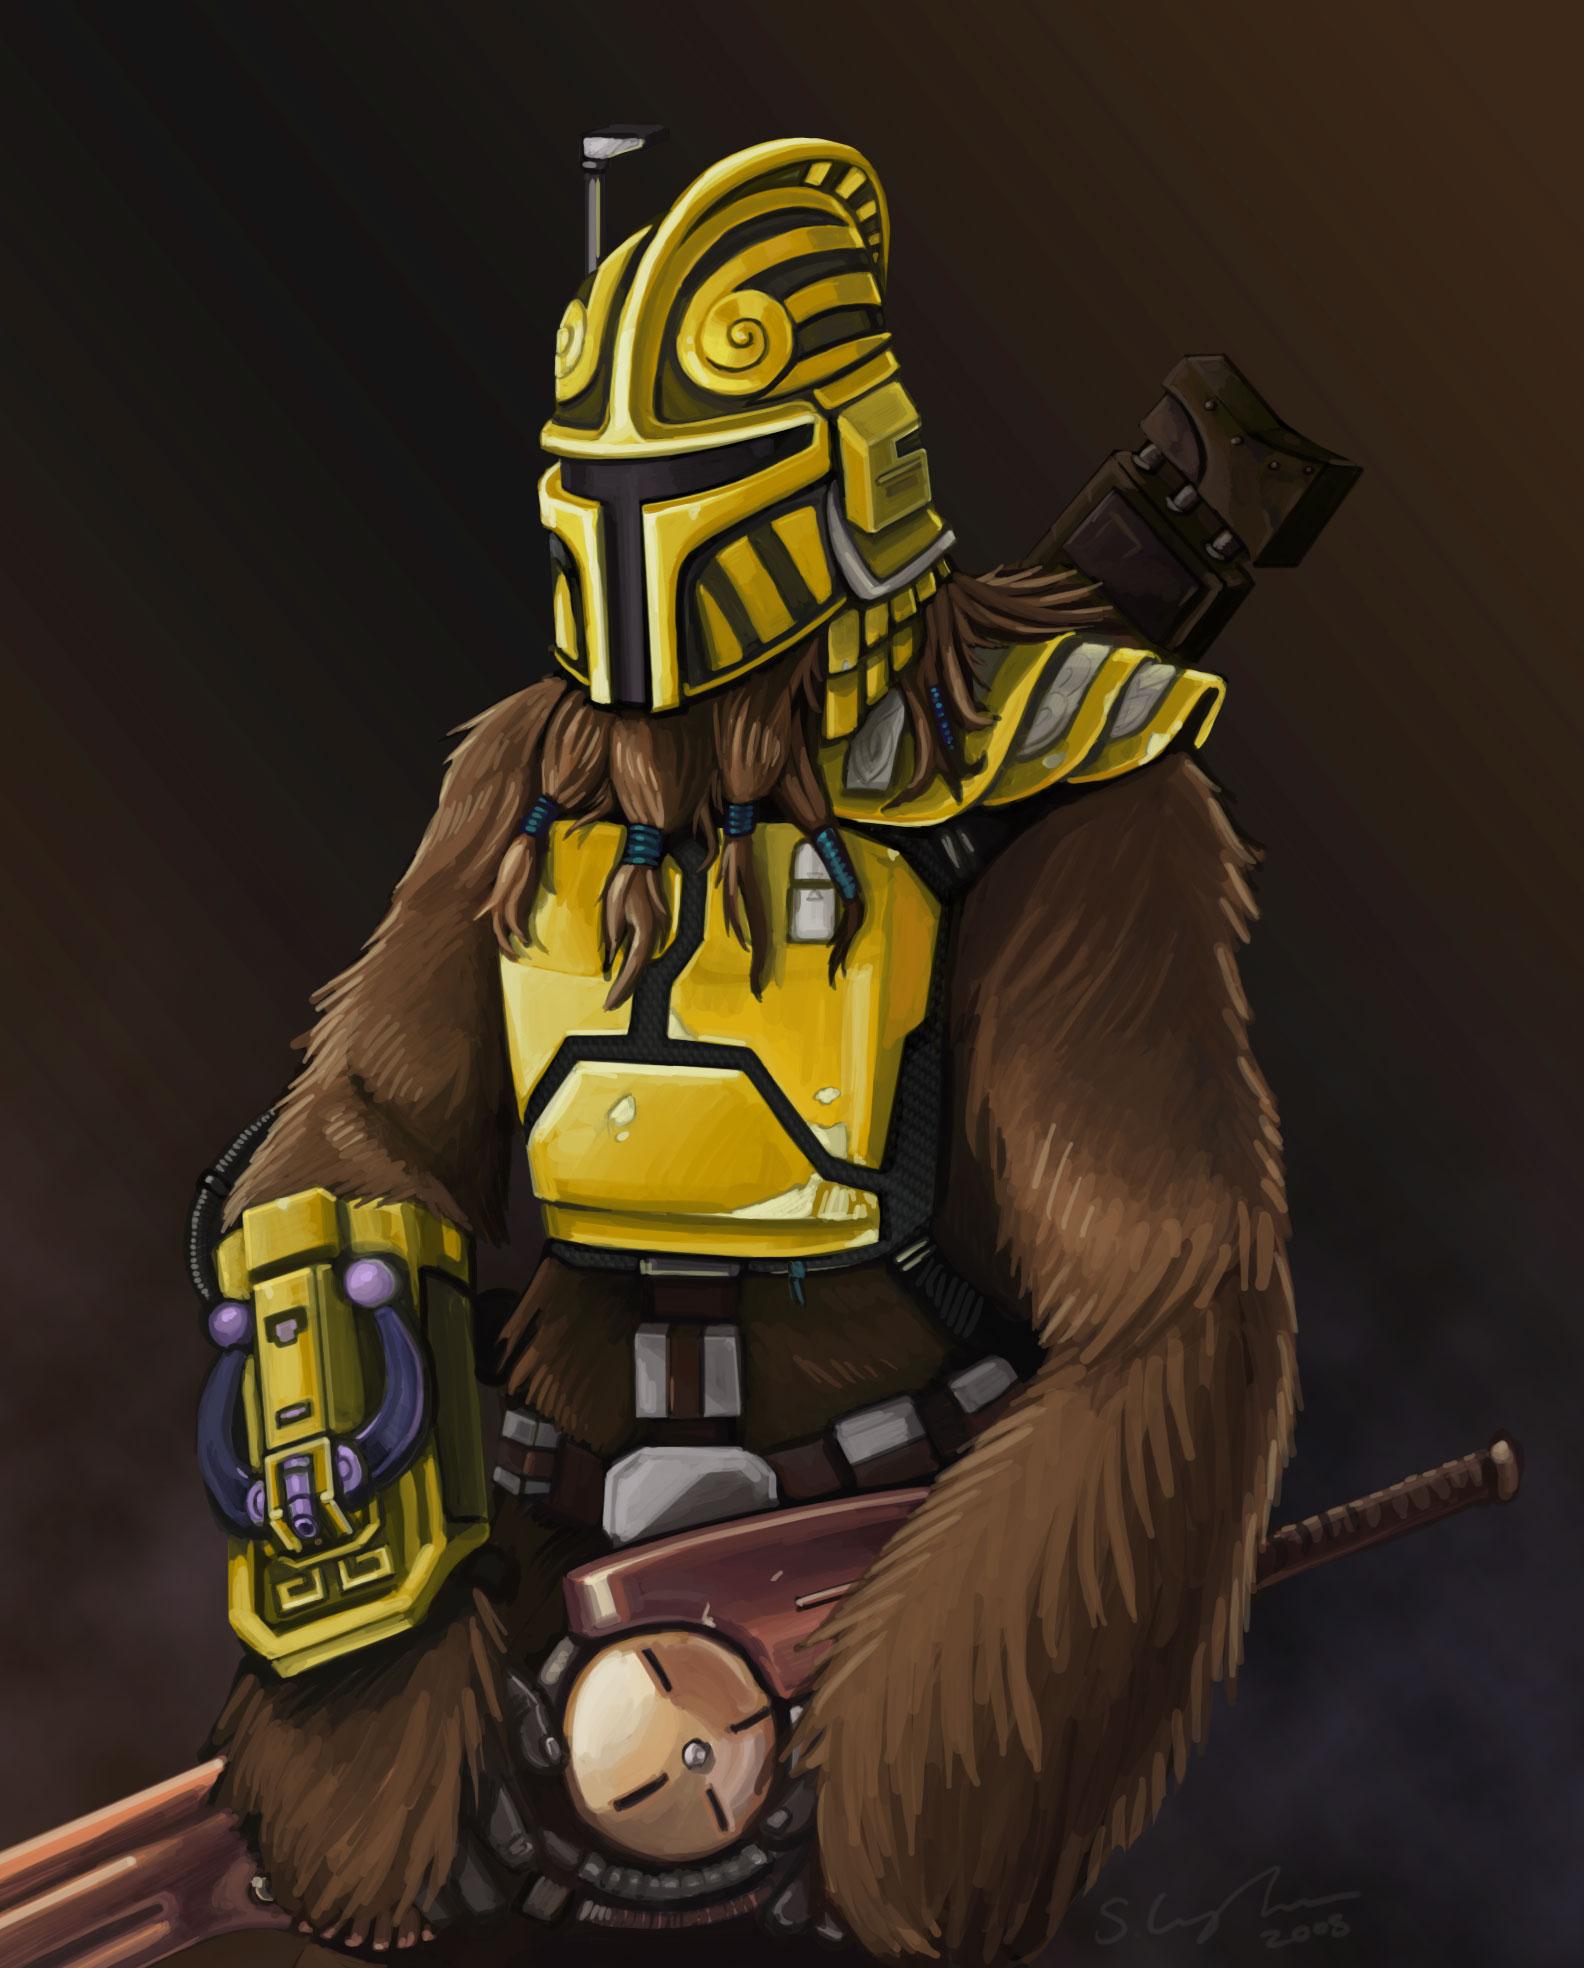 Wookiee_Madalorian_by_StuCunningham.jpg